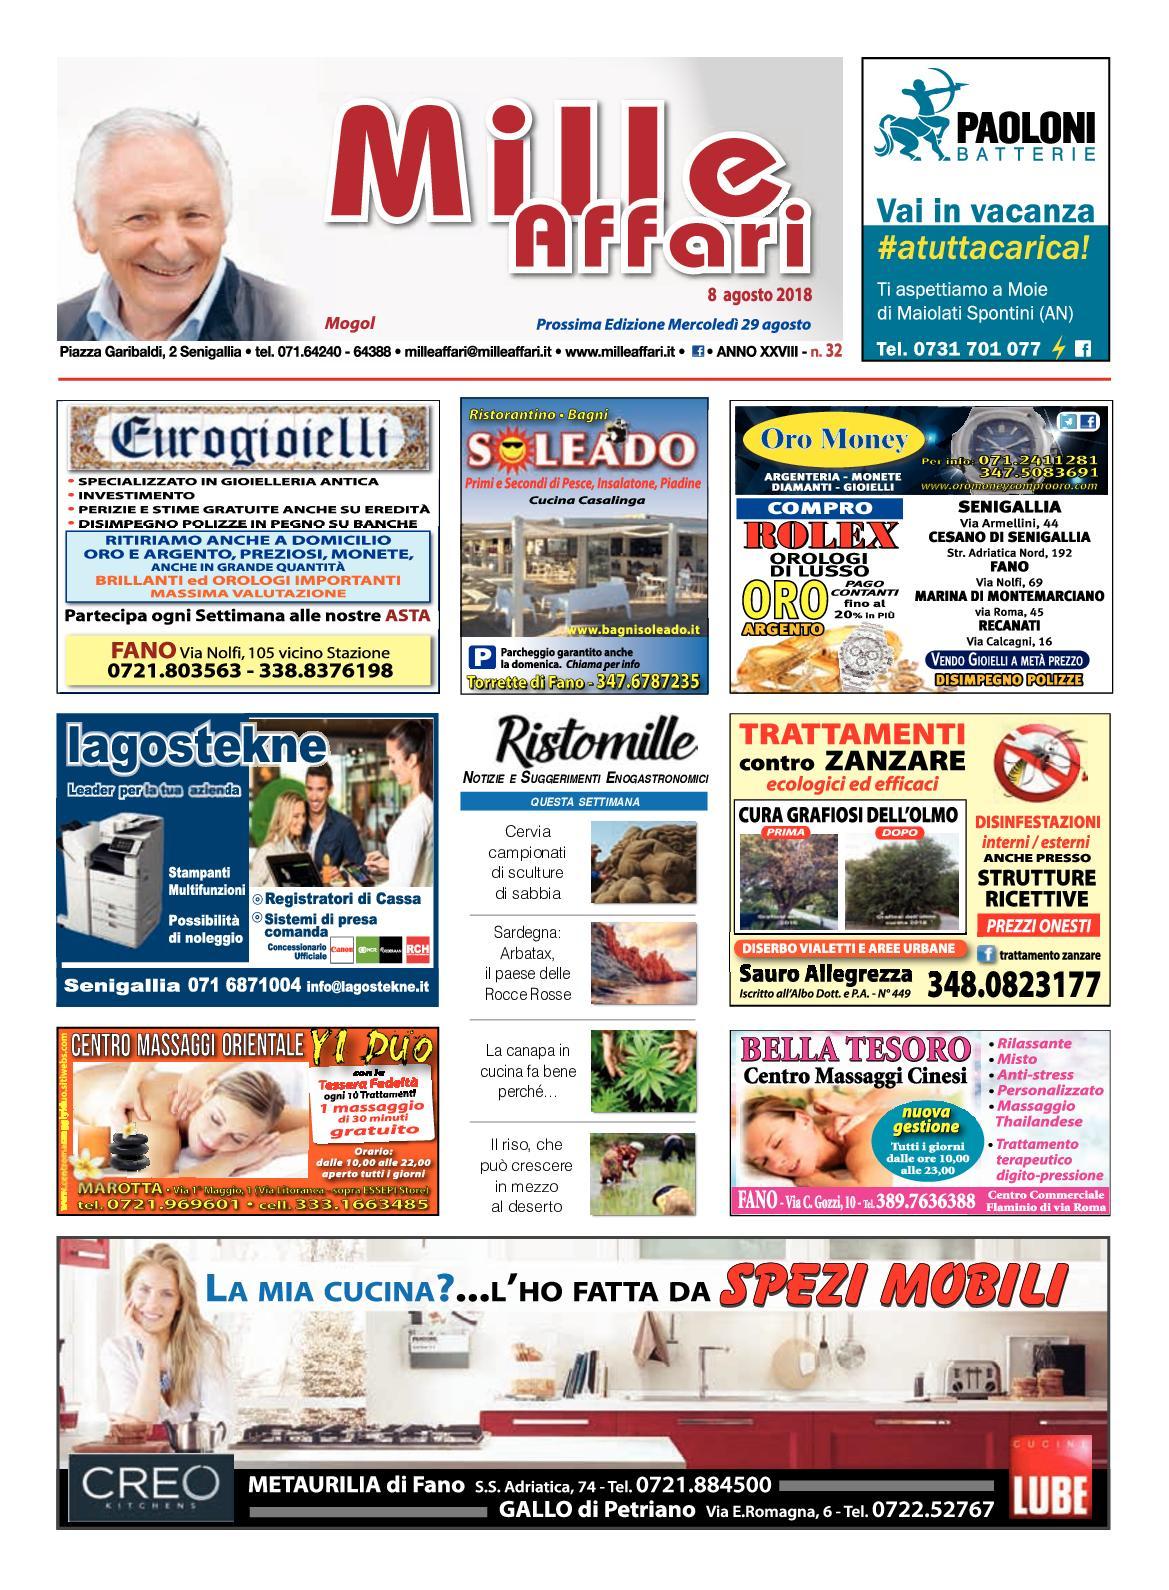 Calaméo - Milleaffari N° 32 del 08.08.18 9b56a53480582